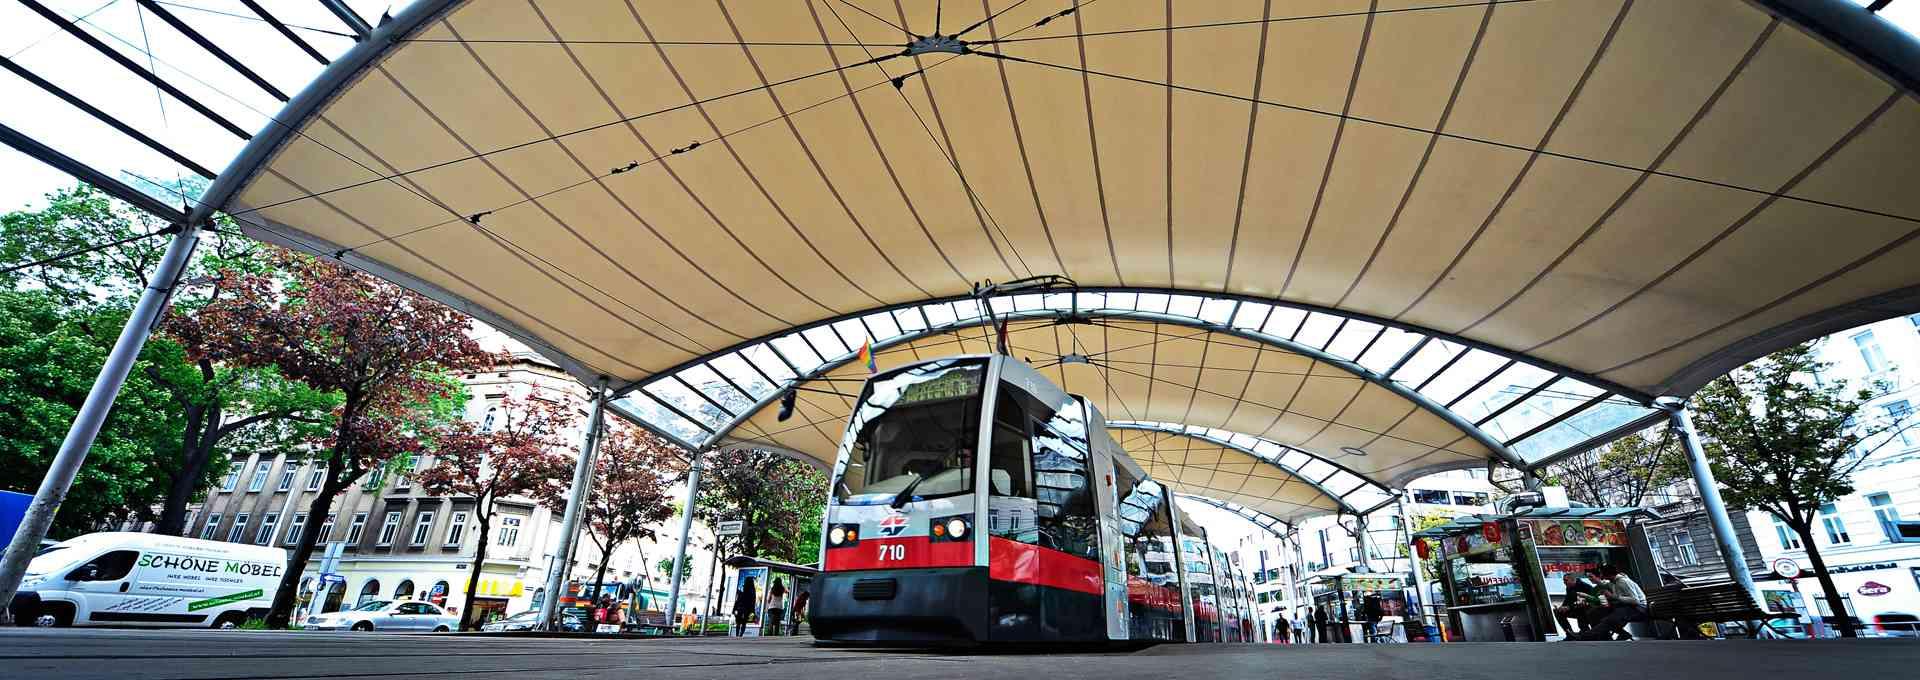 Linie 49 in der Station Burggasse Stadthalle